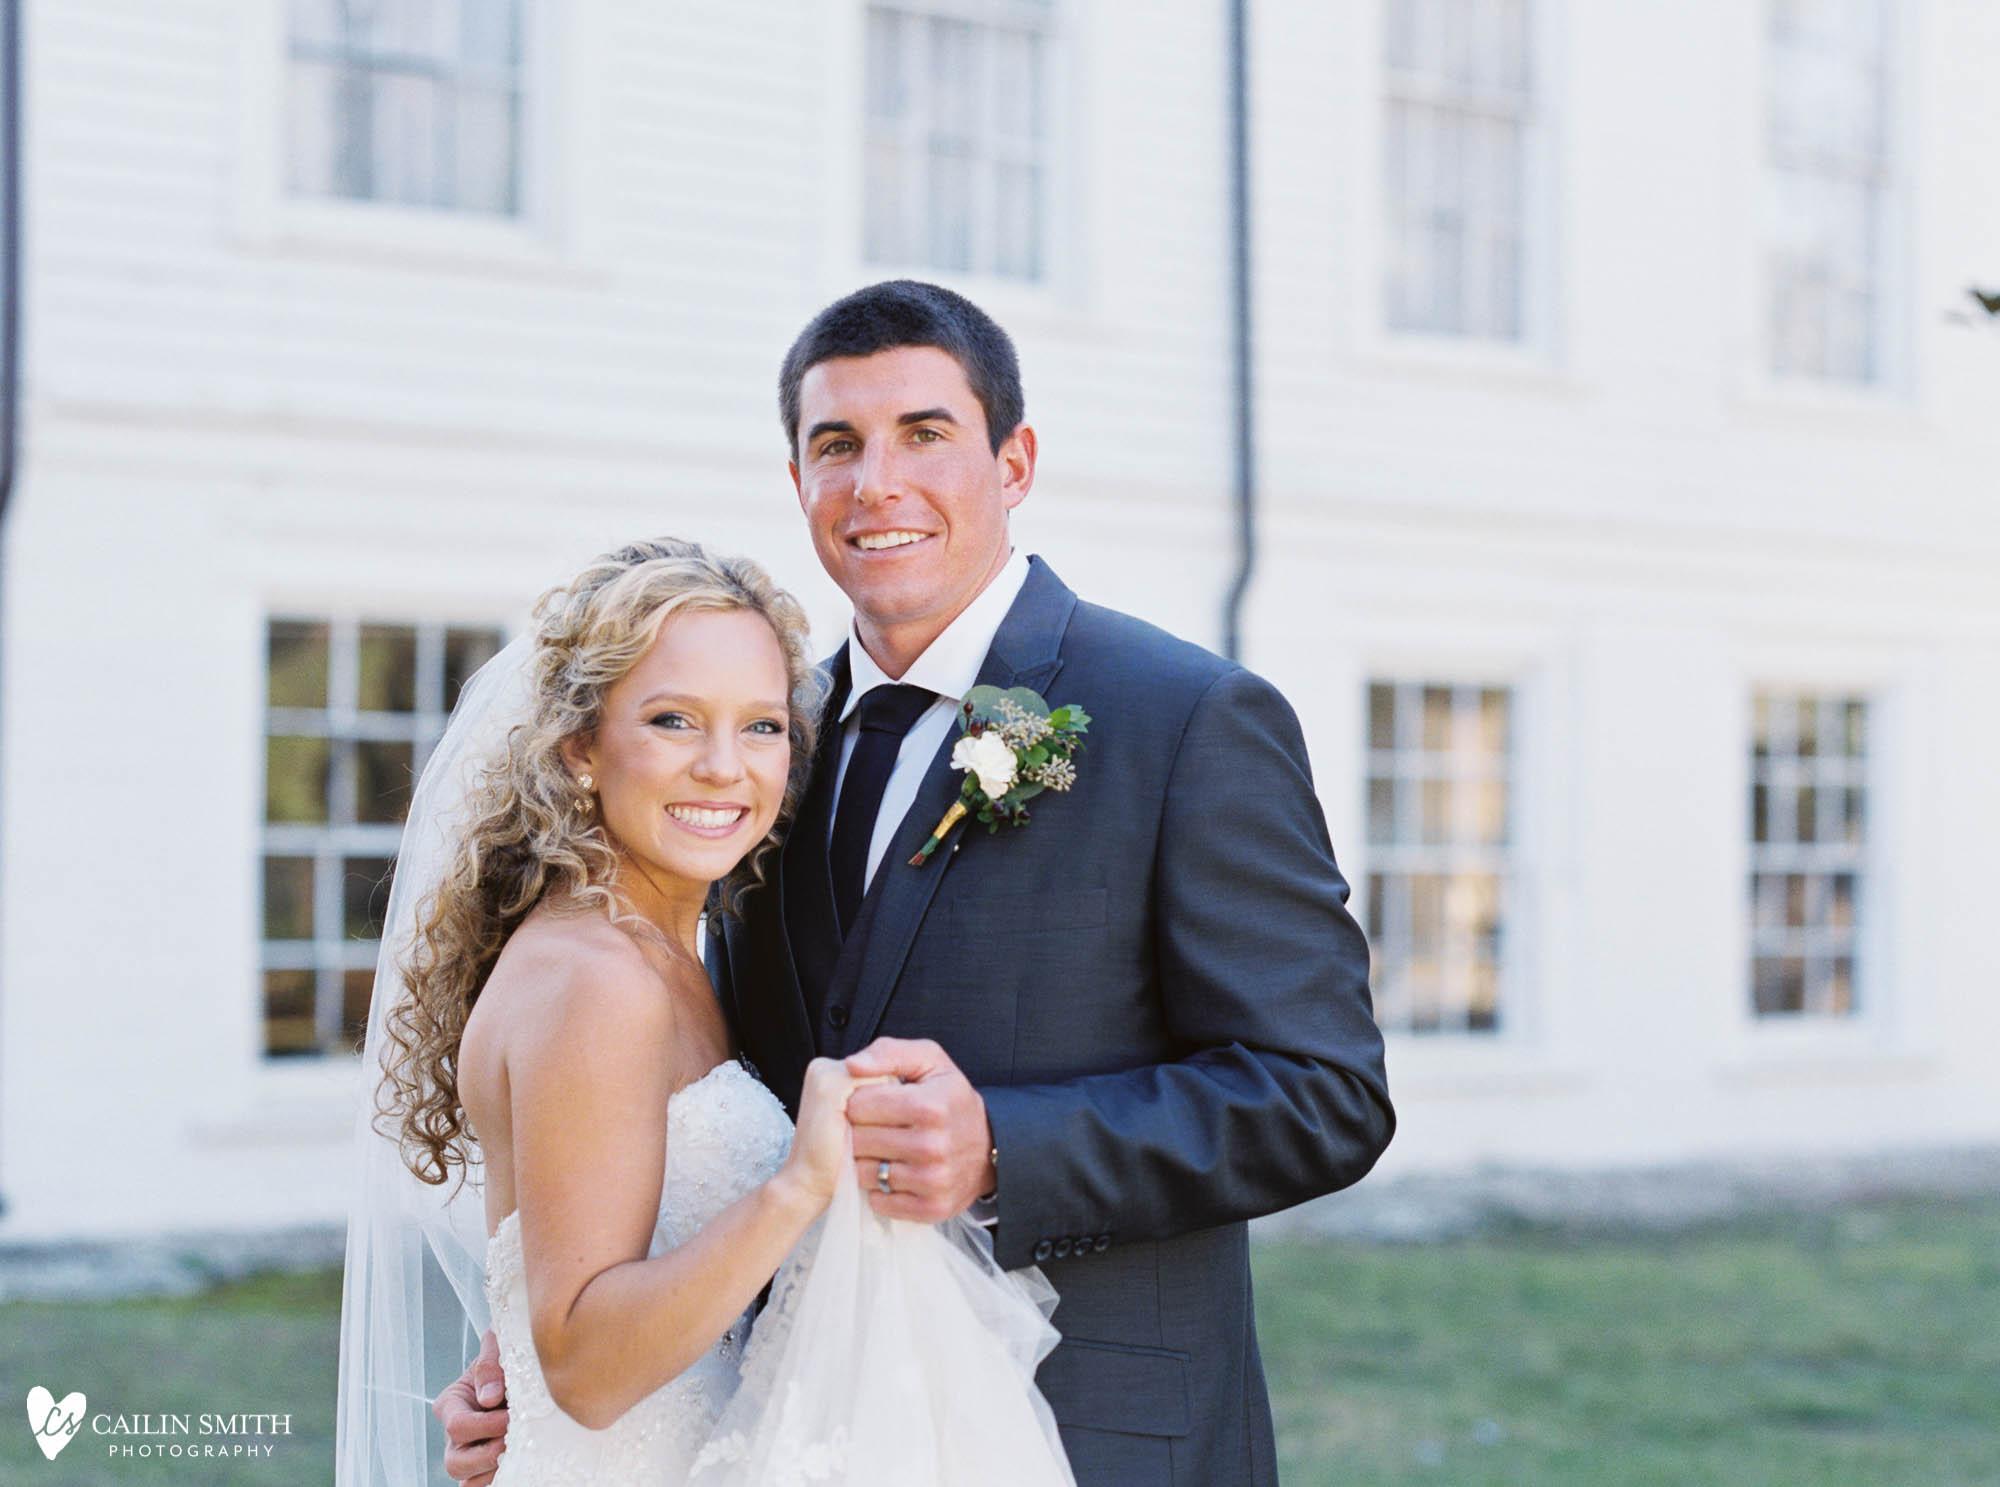 Leah_Major_St_Marys_Wedding_Photography_055.jpg